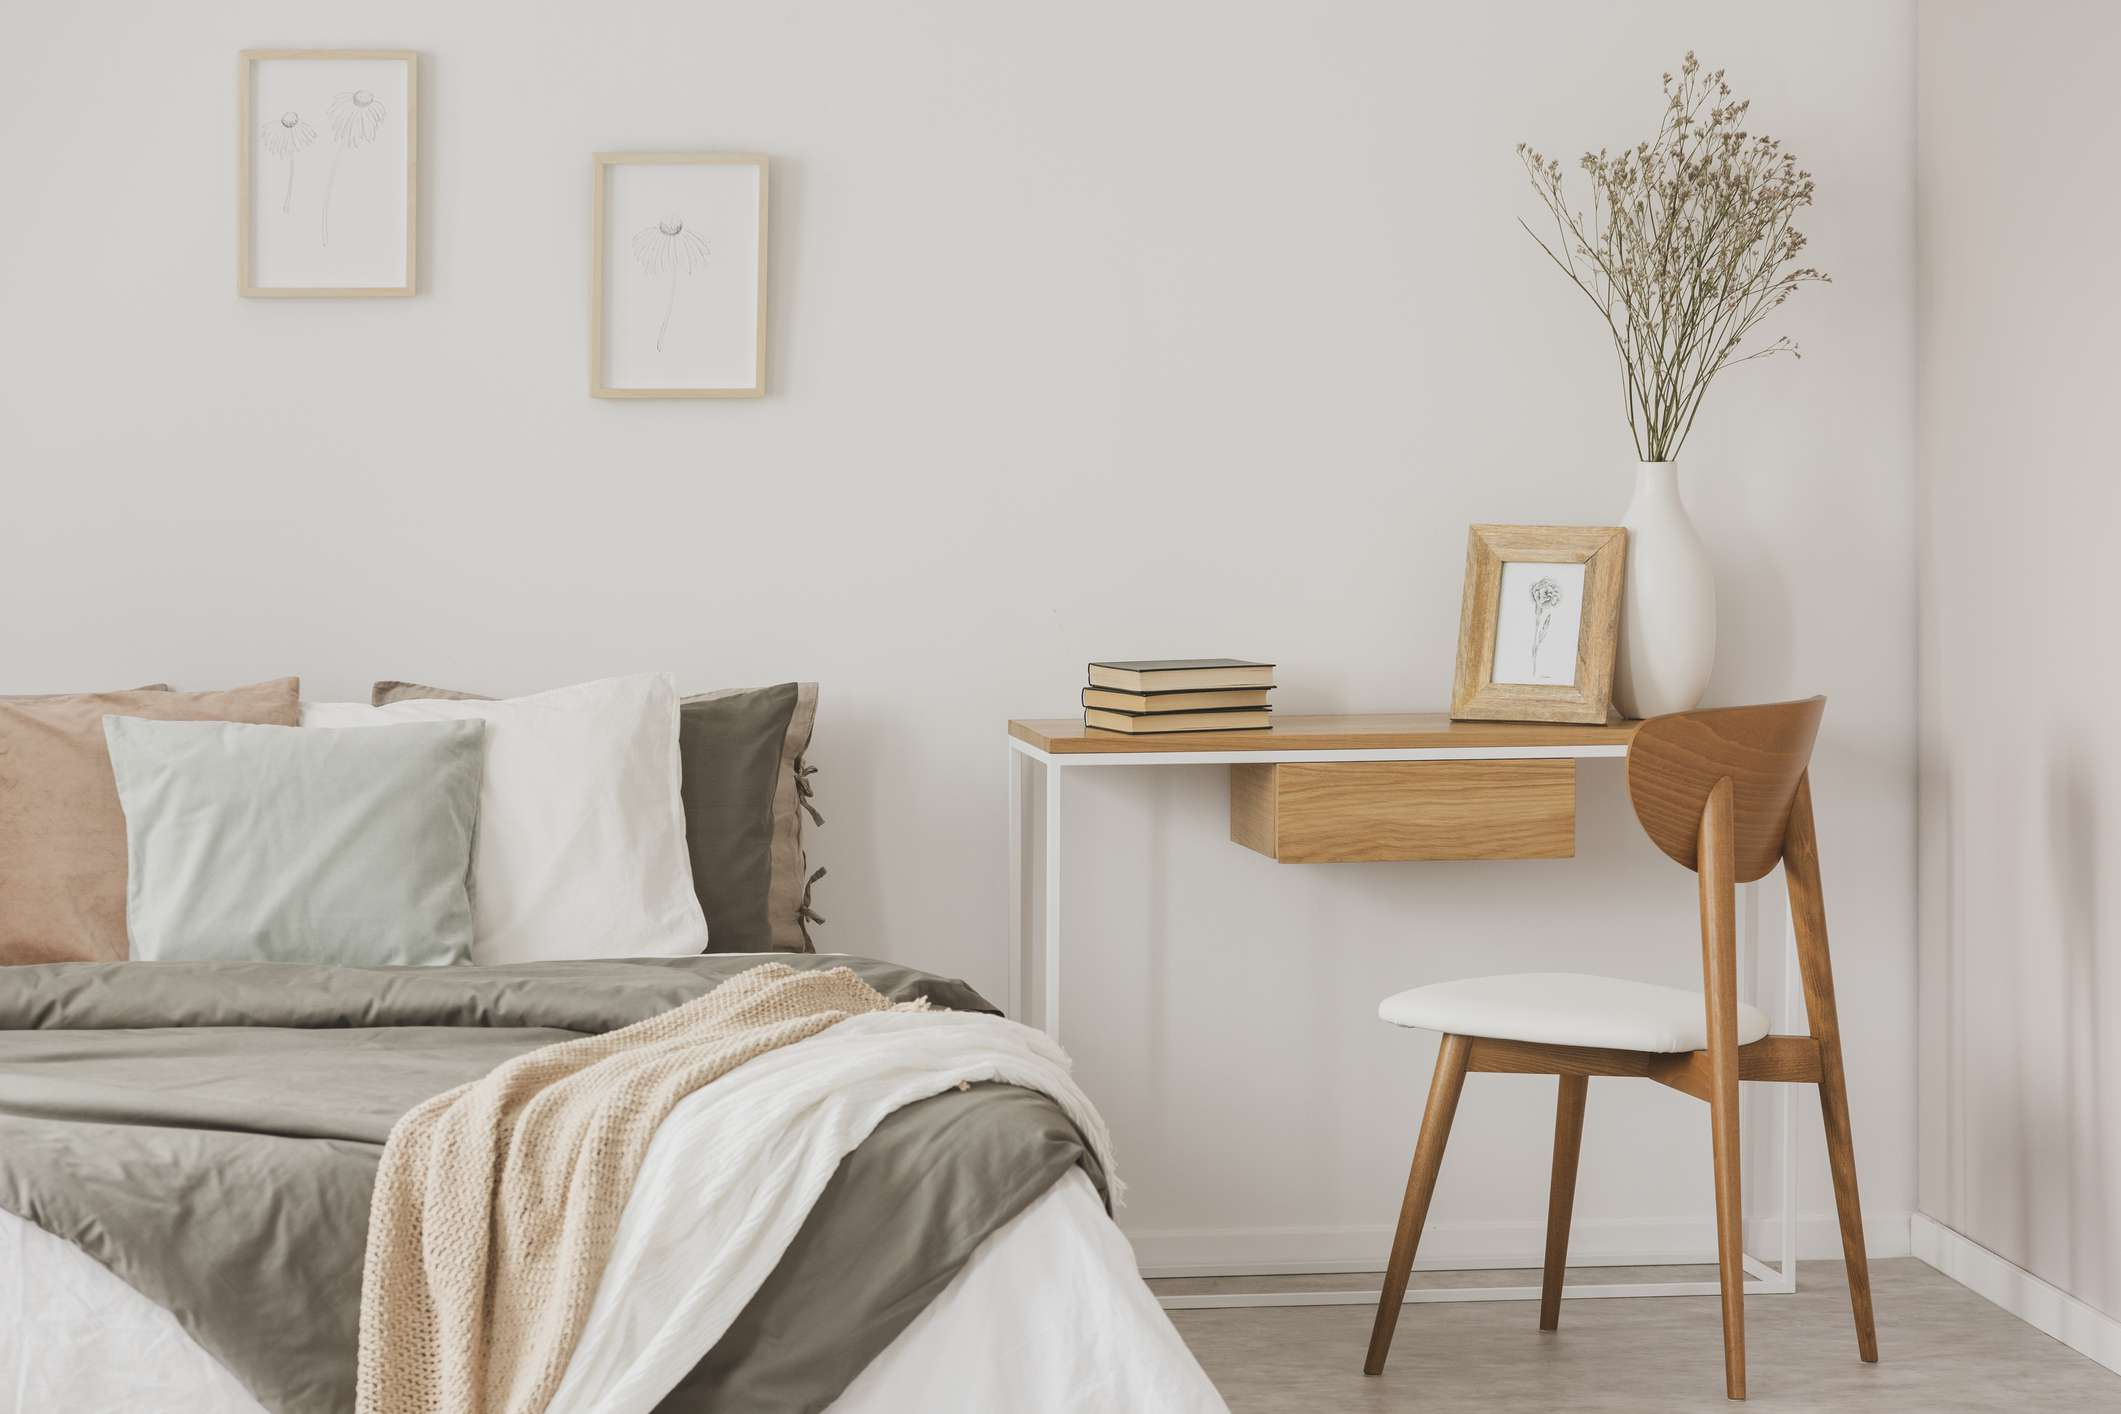 warm bedroom with desk